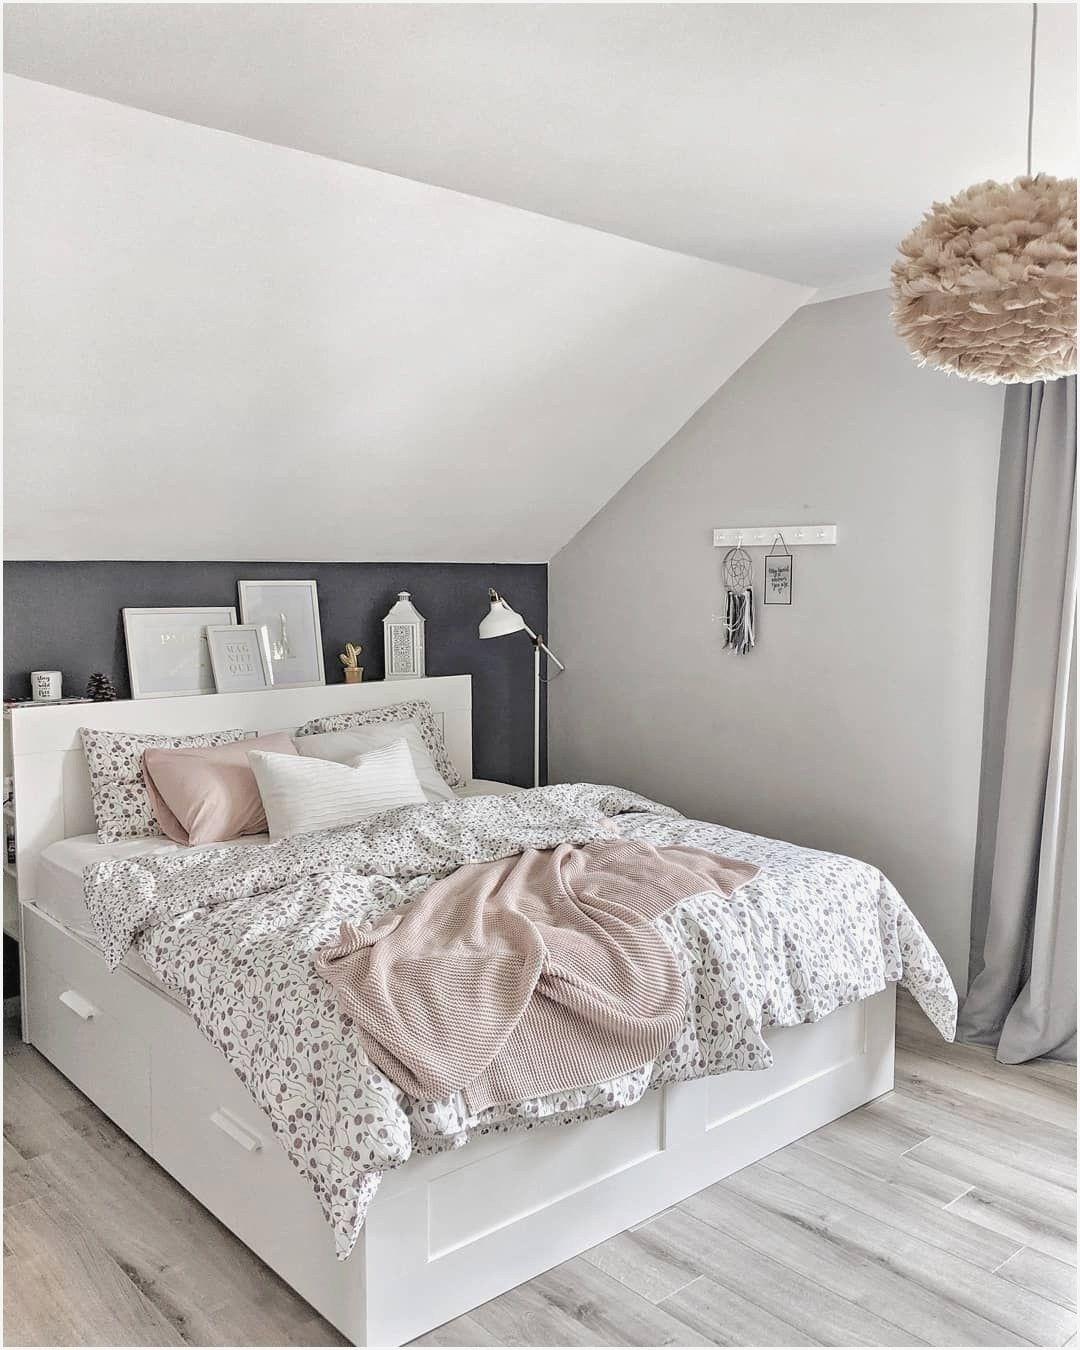 Kleines Schlafzimmer Einrichten Ikea  Kleines schlafzimmer